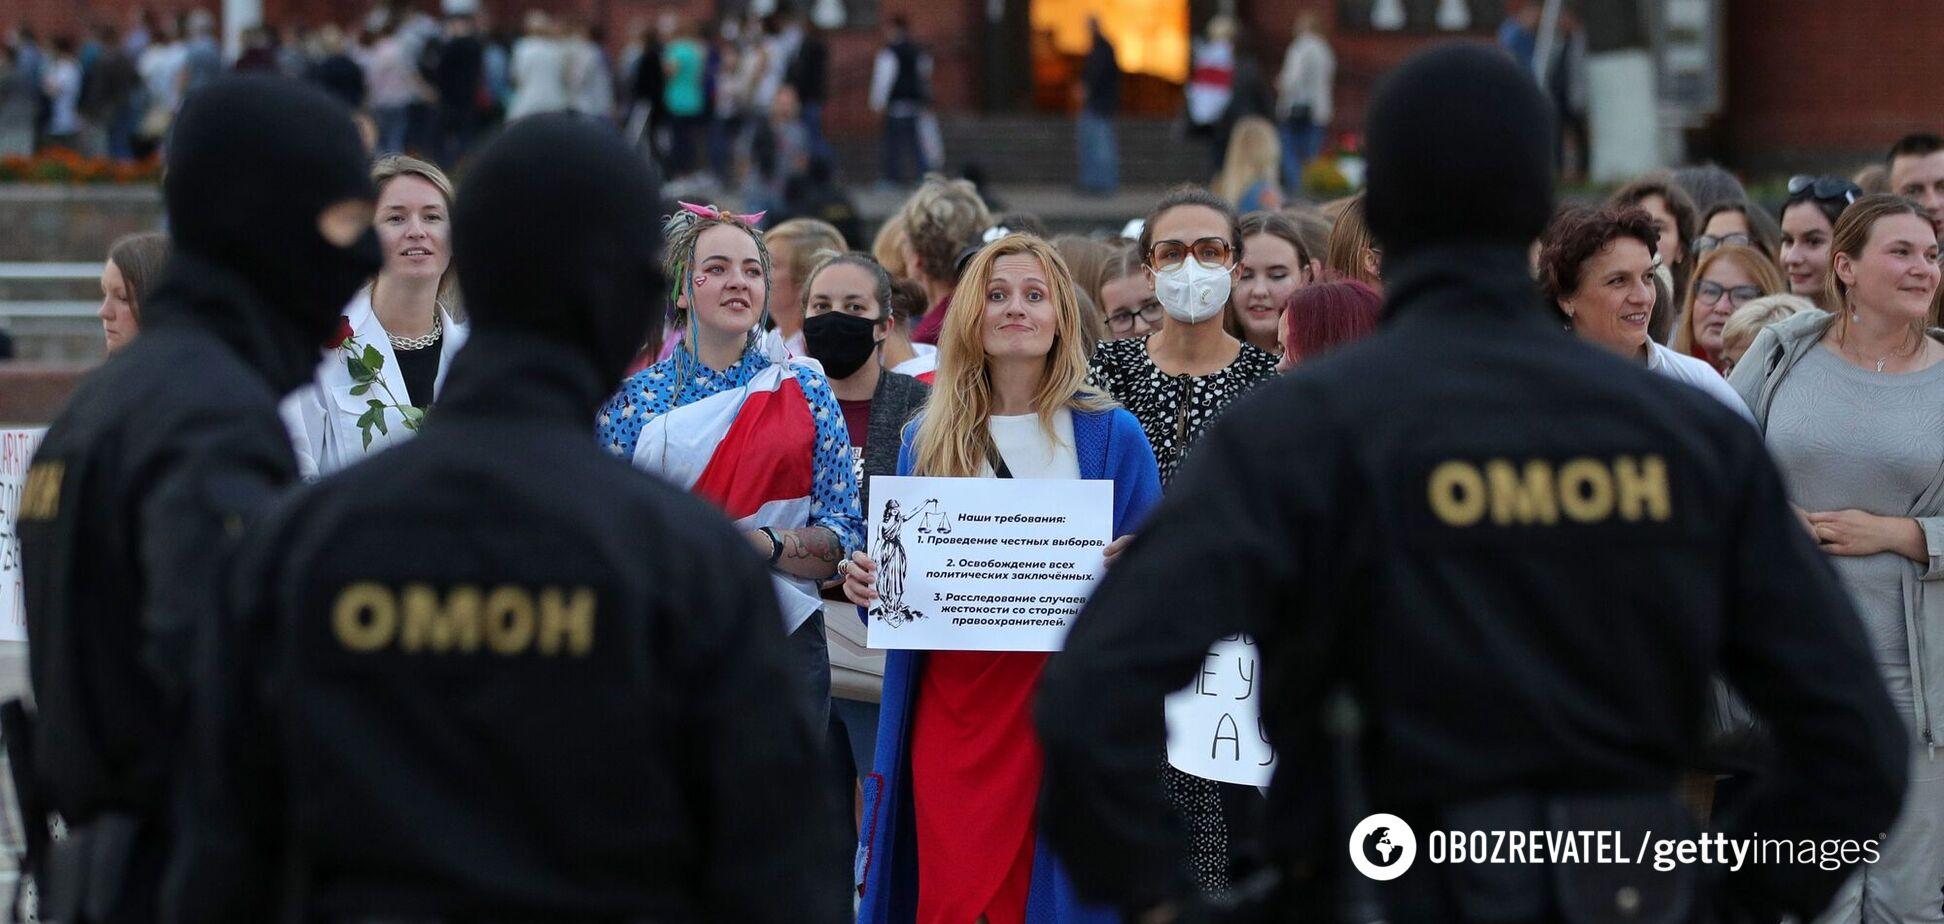 Памятка для белорусов: как не дать Лукашенко расколоть протесты?